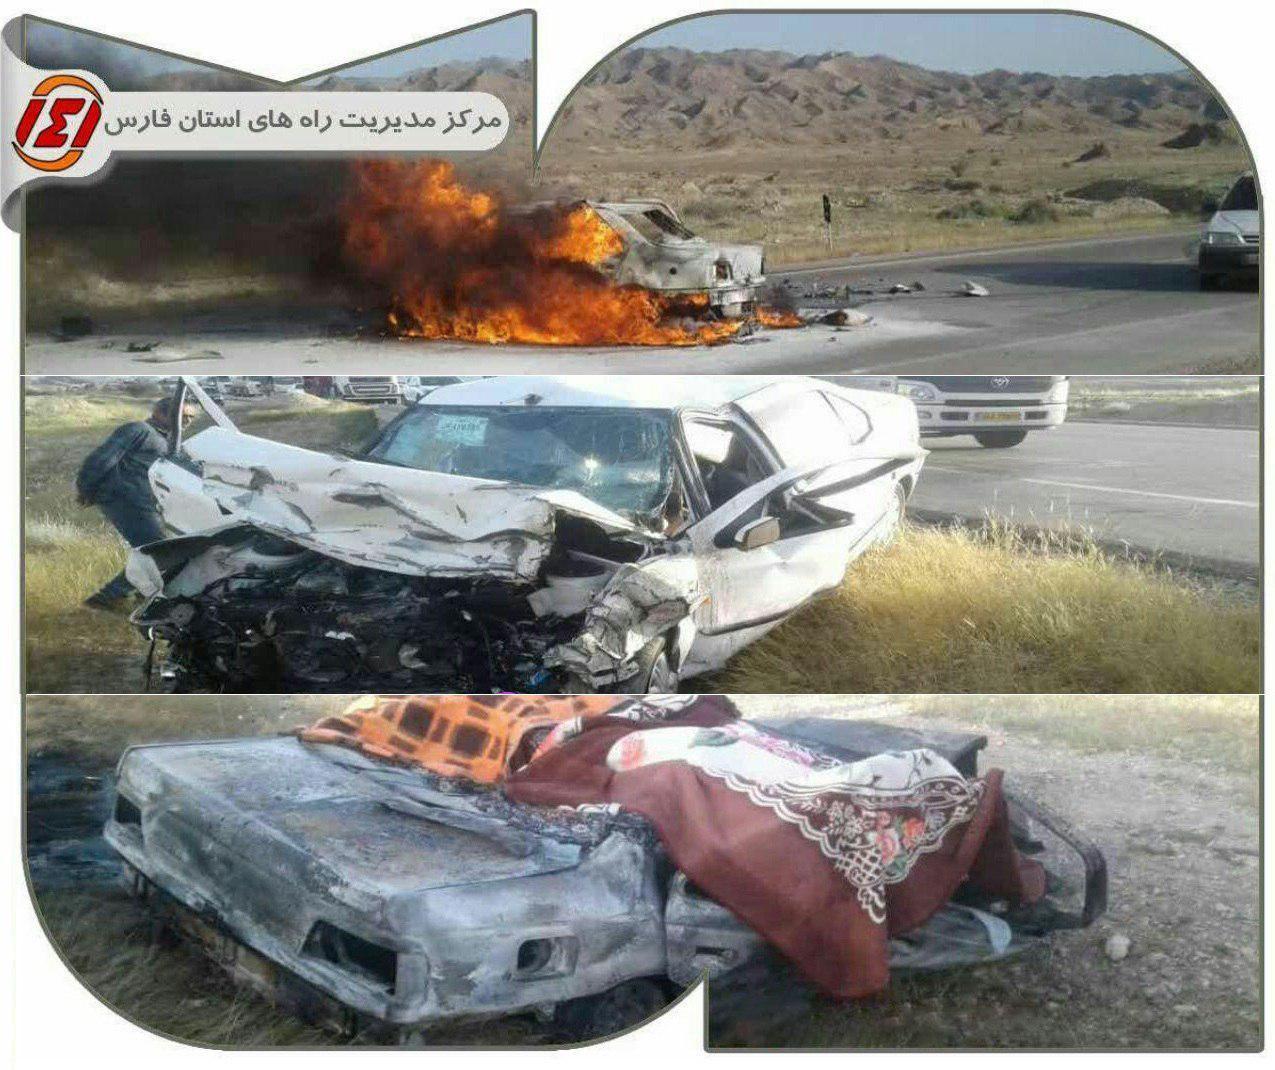 7 کشته در پی تصادفی مرگبار در استان فارس